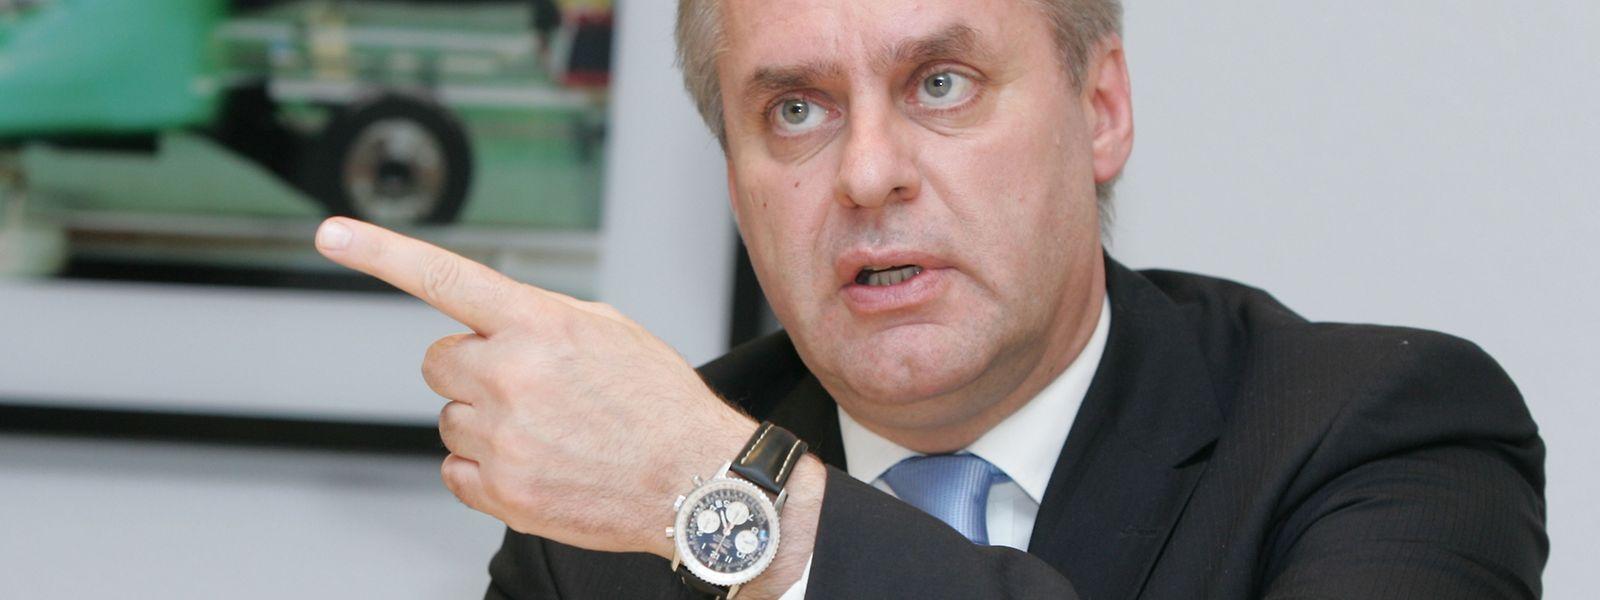 Bis zum Jahr 2011 war Ulrich Ogiermann CEO der Cargolux in Luxemburg, heute ist er Frachtchef beim Konkurrenten und ehemaligen Cargolux-Aktionär Qatar Airways.